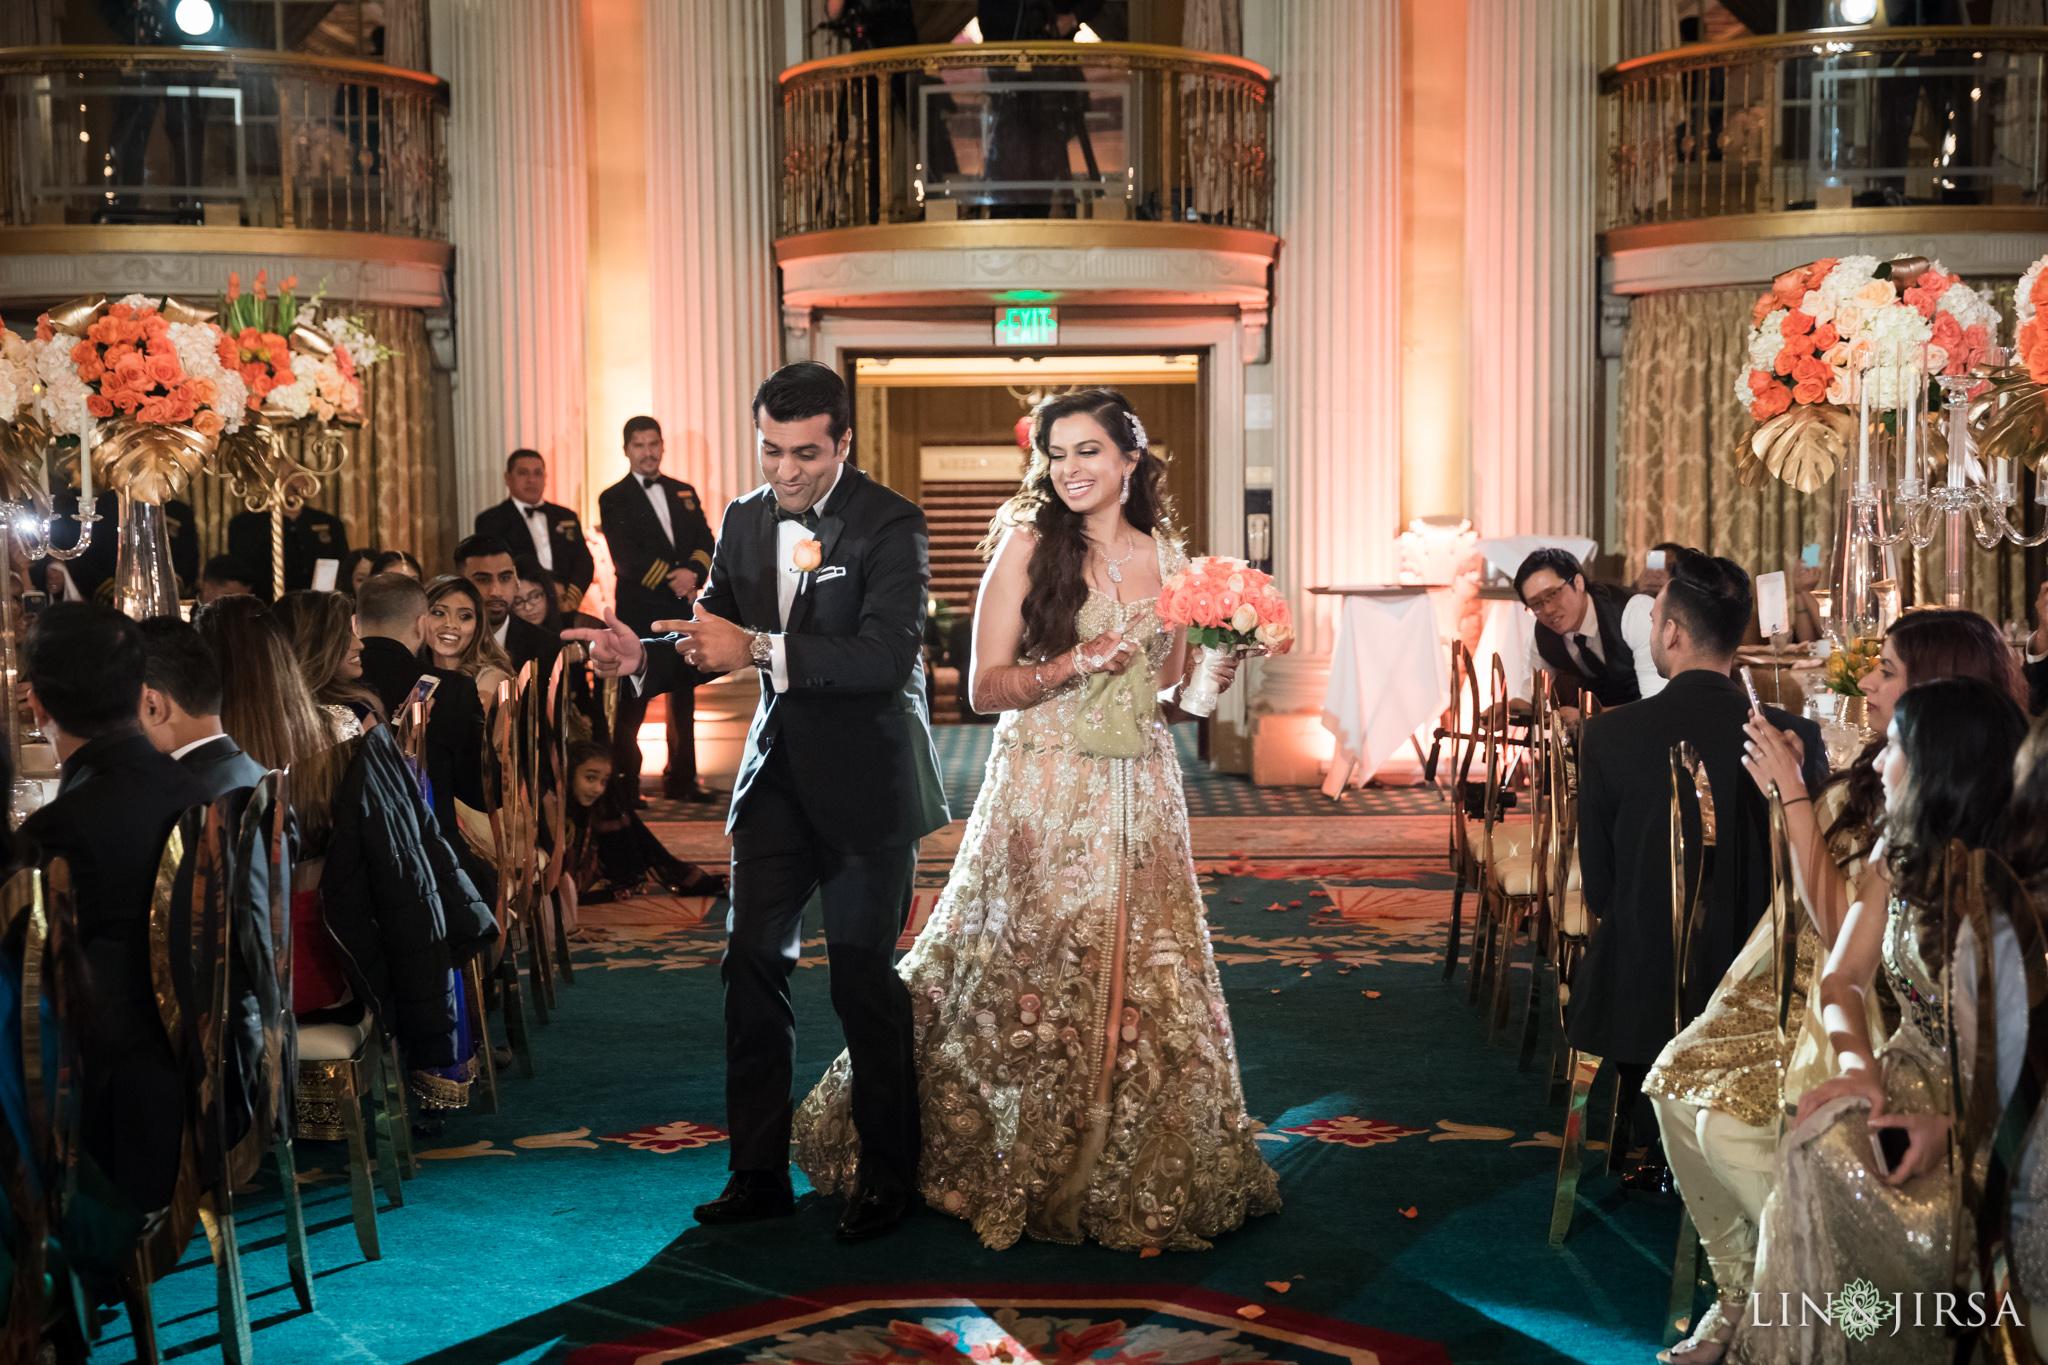 19-biltmore-hotel-los-angeles-wedding-reception-photography